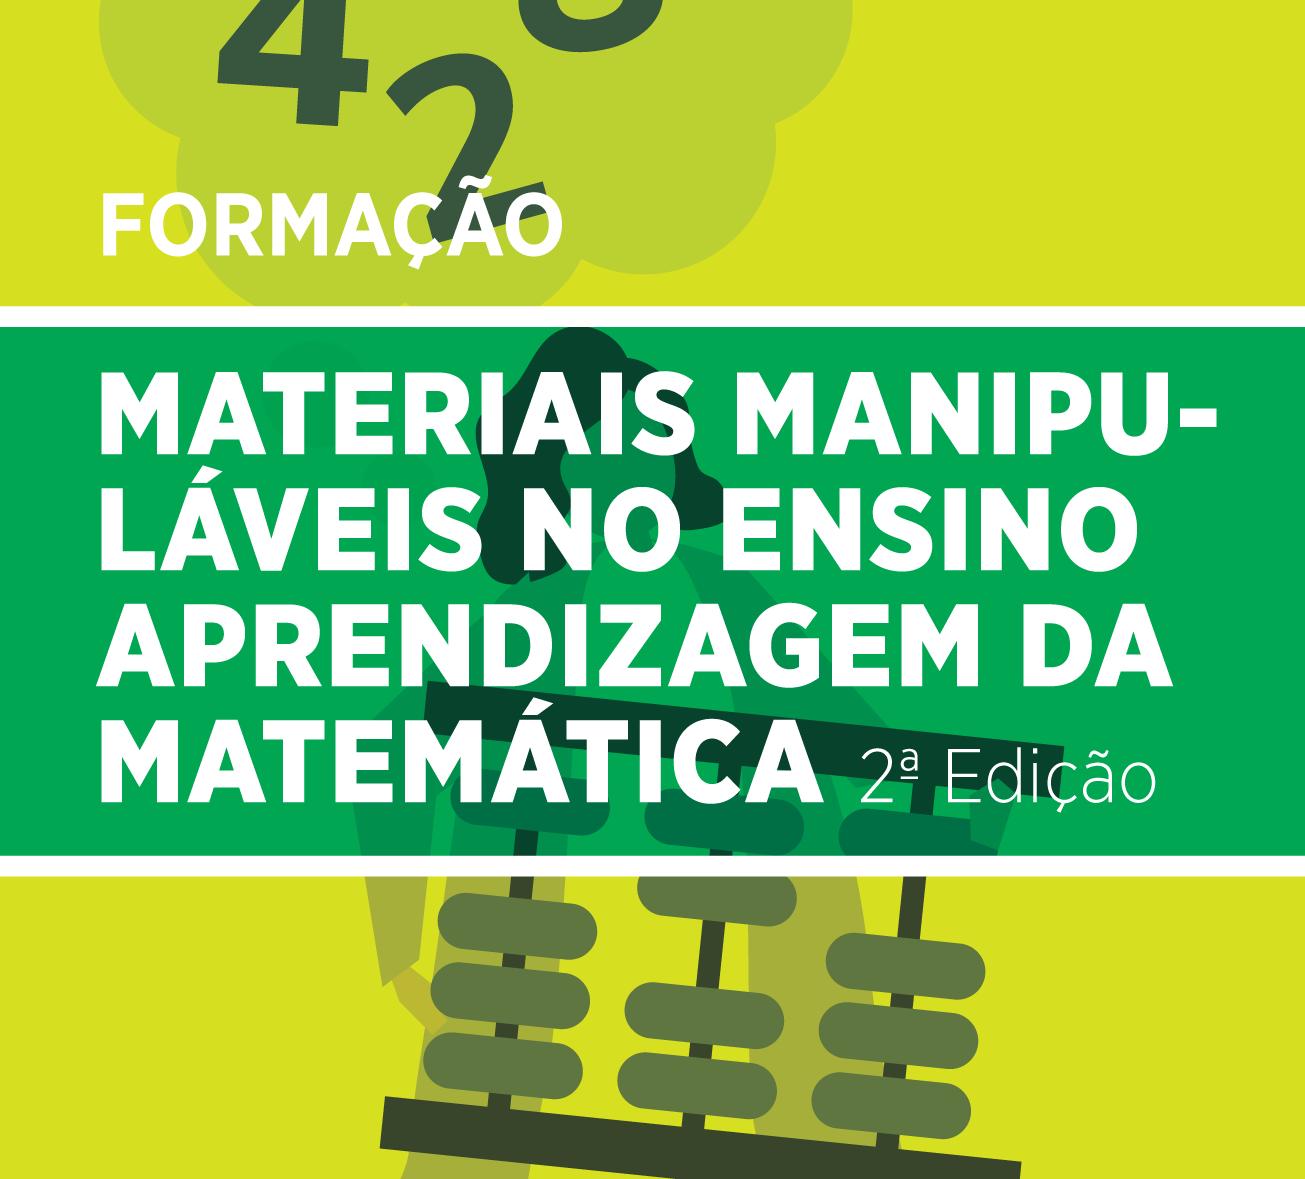 Materiais Manipuláveis no Ensino Aprendizagem da Matemática 2ª EDIÇÃO